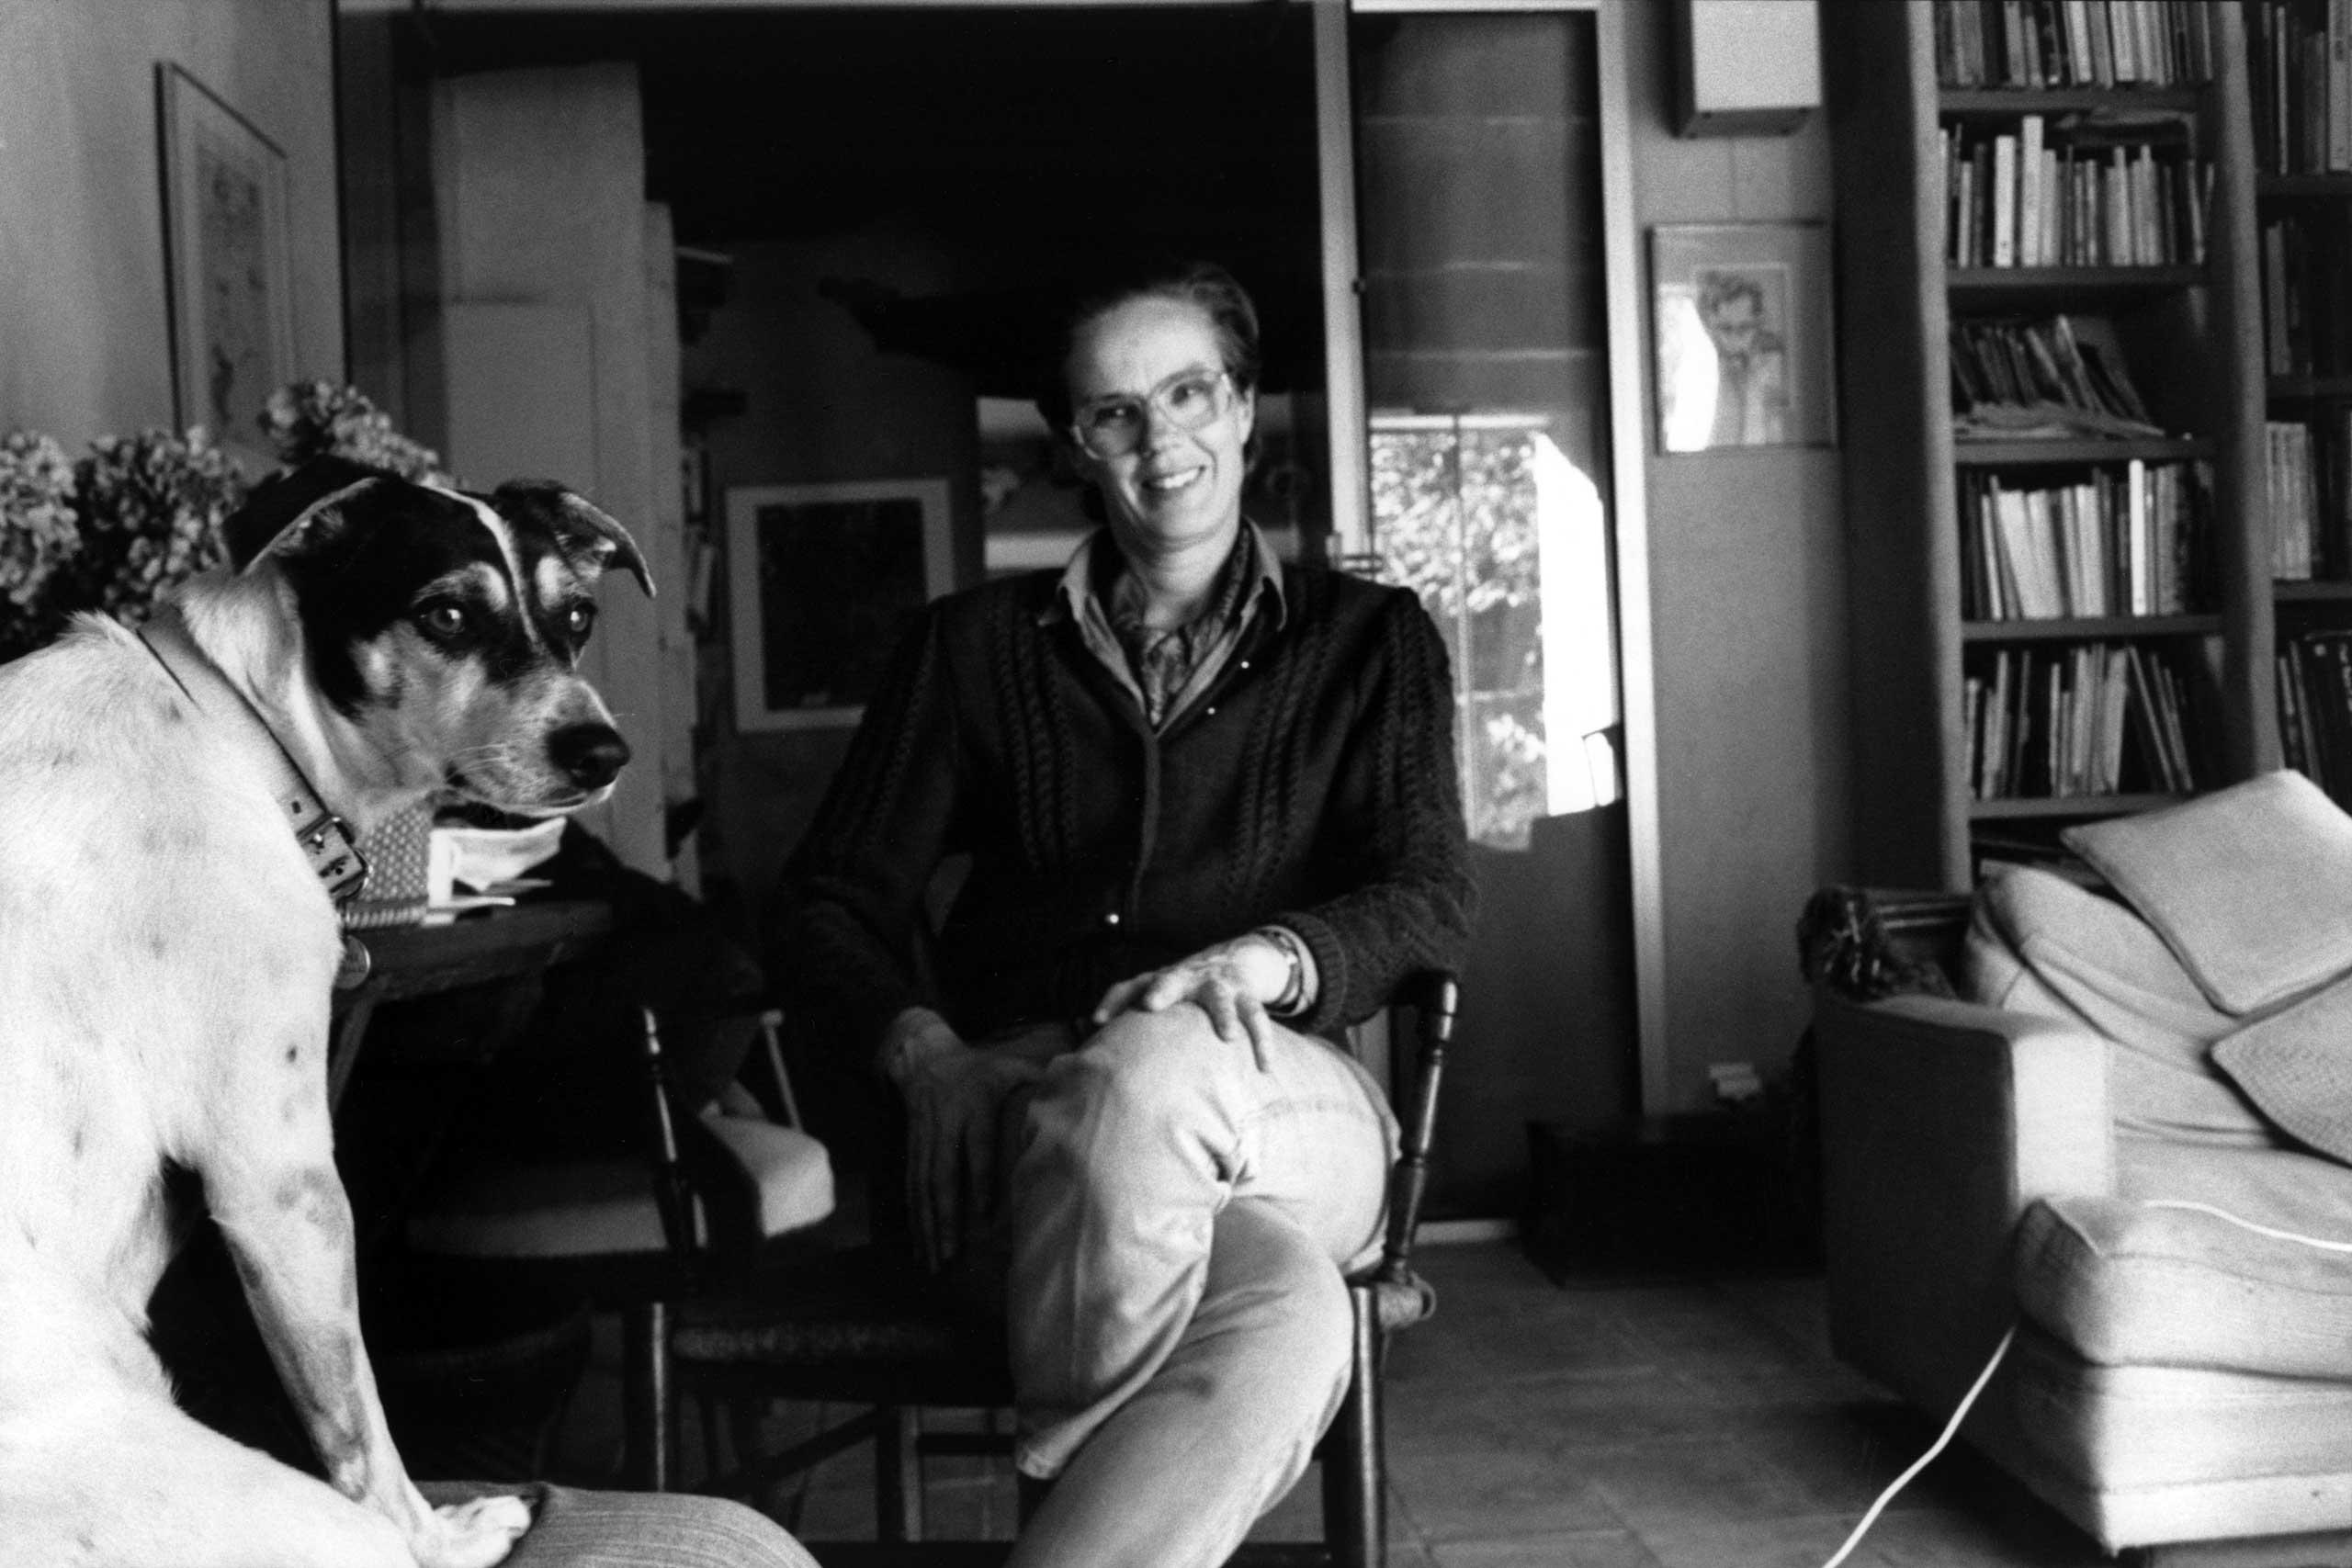 Martine Franck at home in France, 1994.